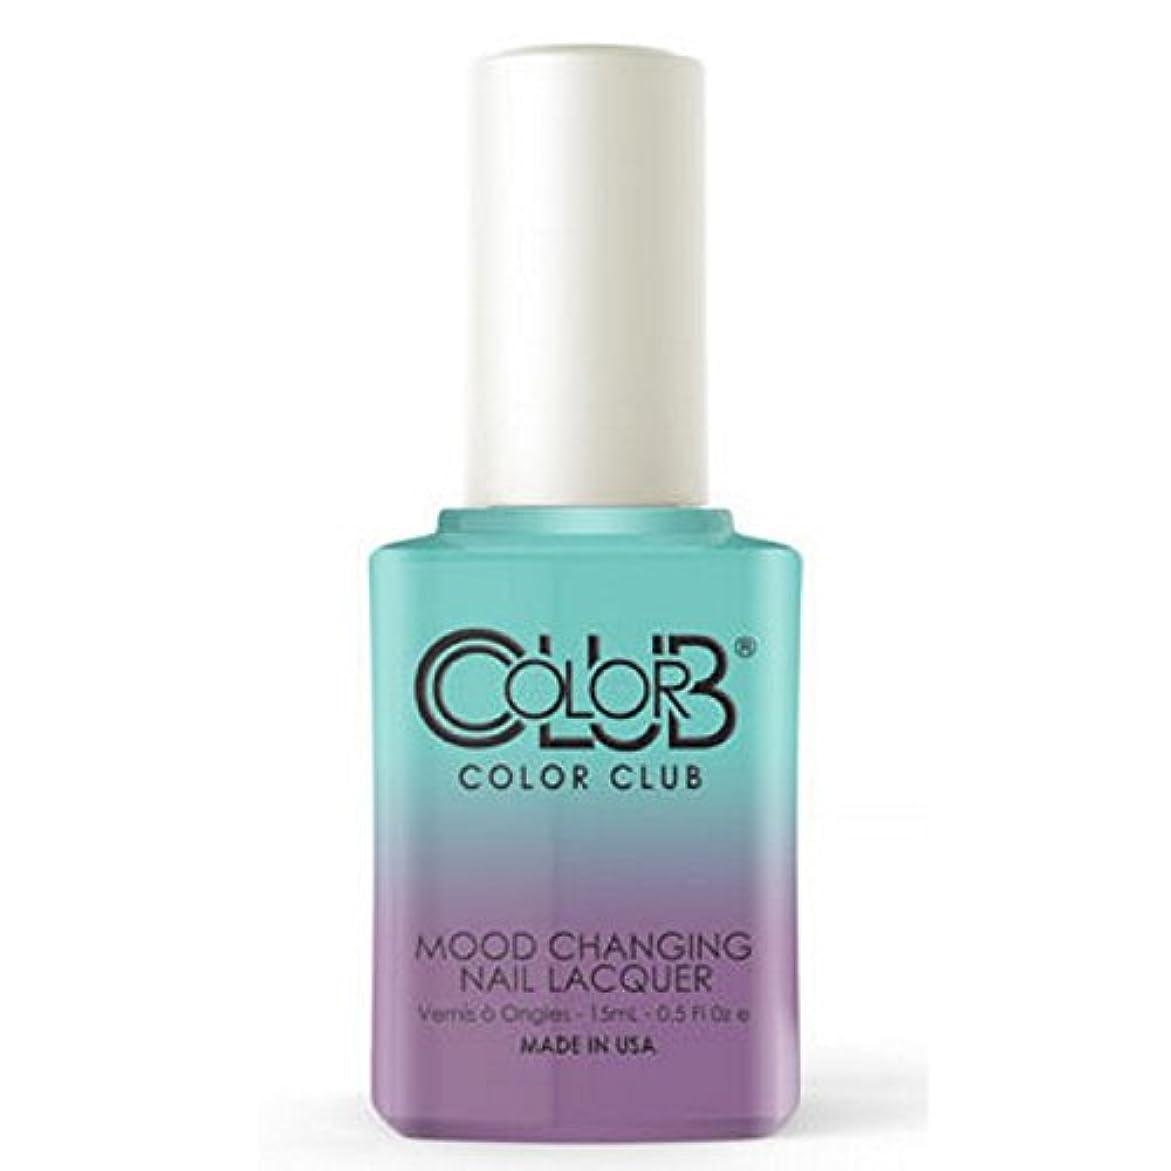 流す雨の流体Color Club Mood Changing Nail Lacquer - Serene Green - 15 mL / 0.5 fl oz